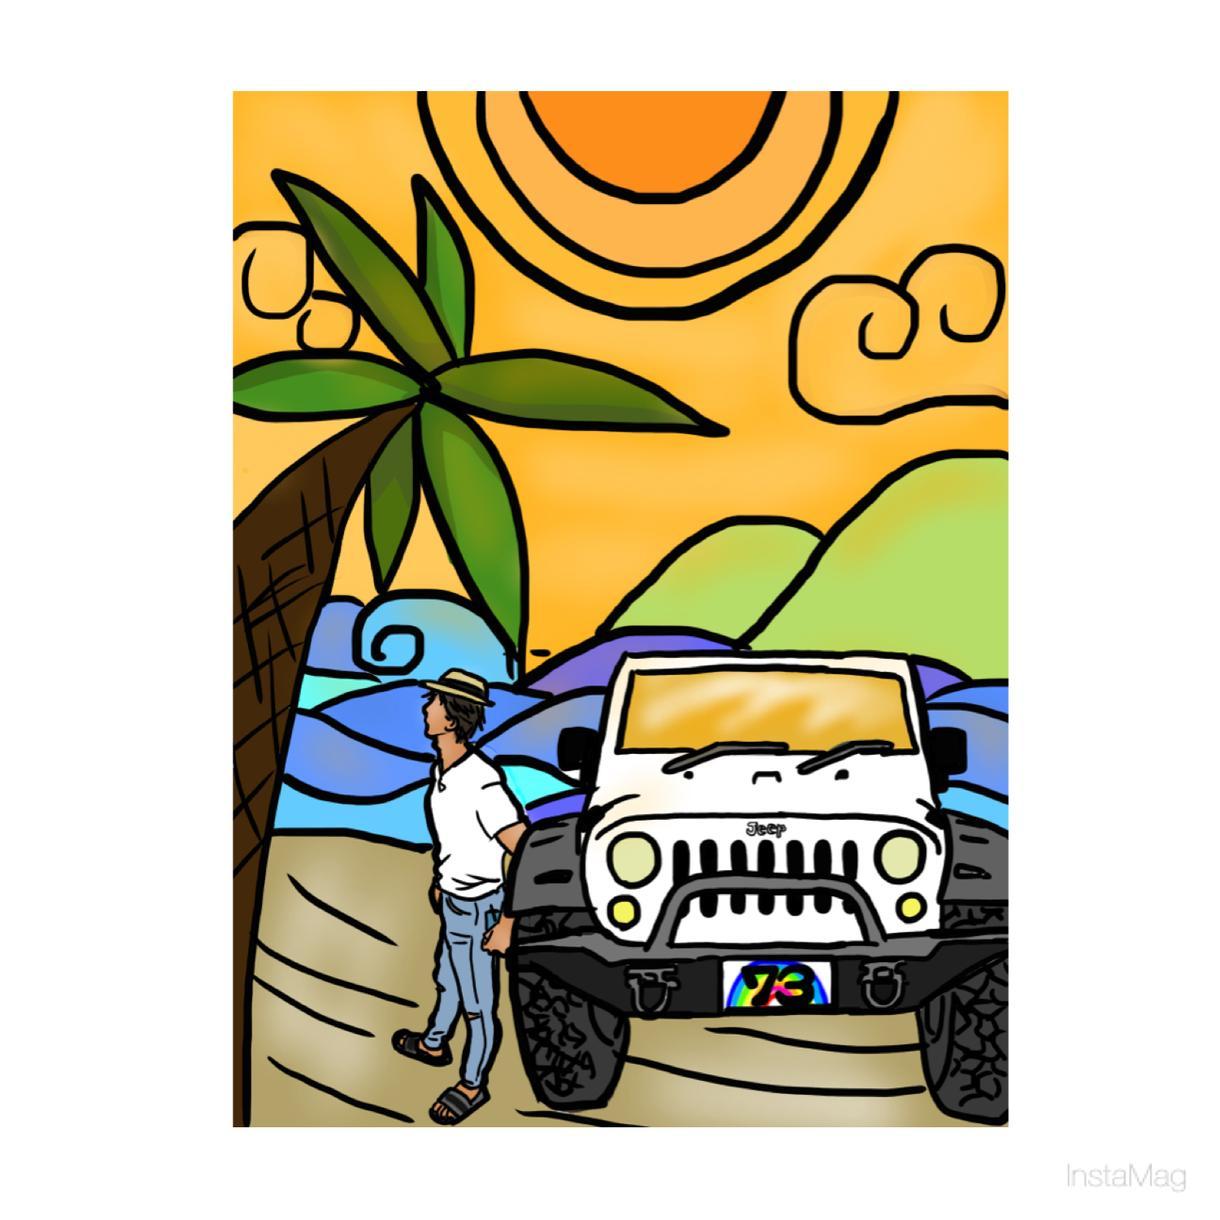 ハワイアンアート風のイラスト描きます プレゼントやご自宅用にもいかがですか♥